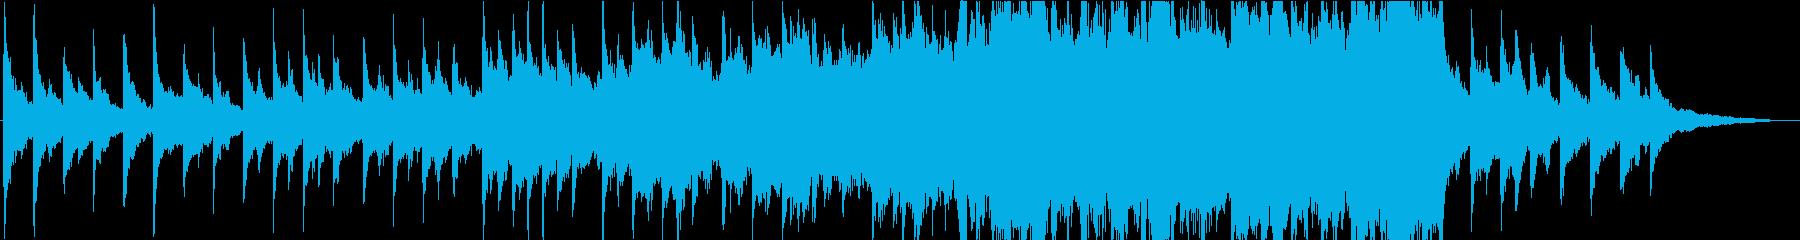 徐々に盛り上がる切ないオーケストラ曲の再生済みの波形